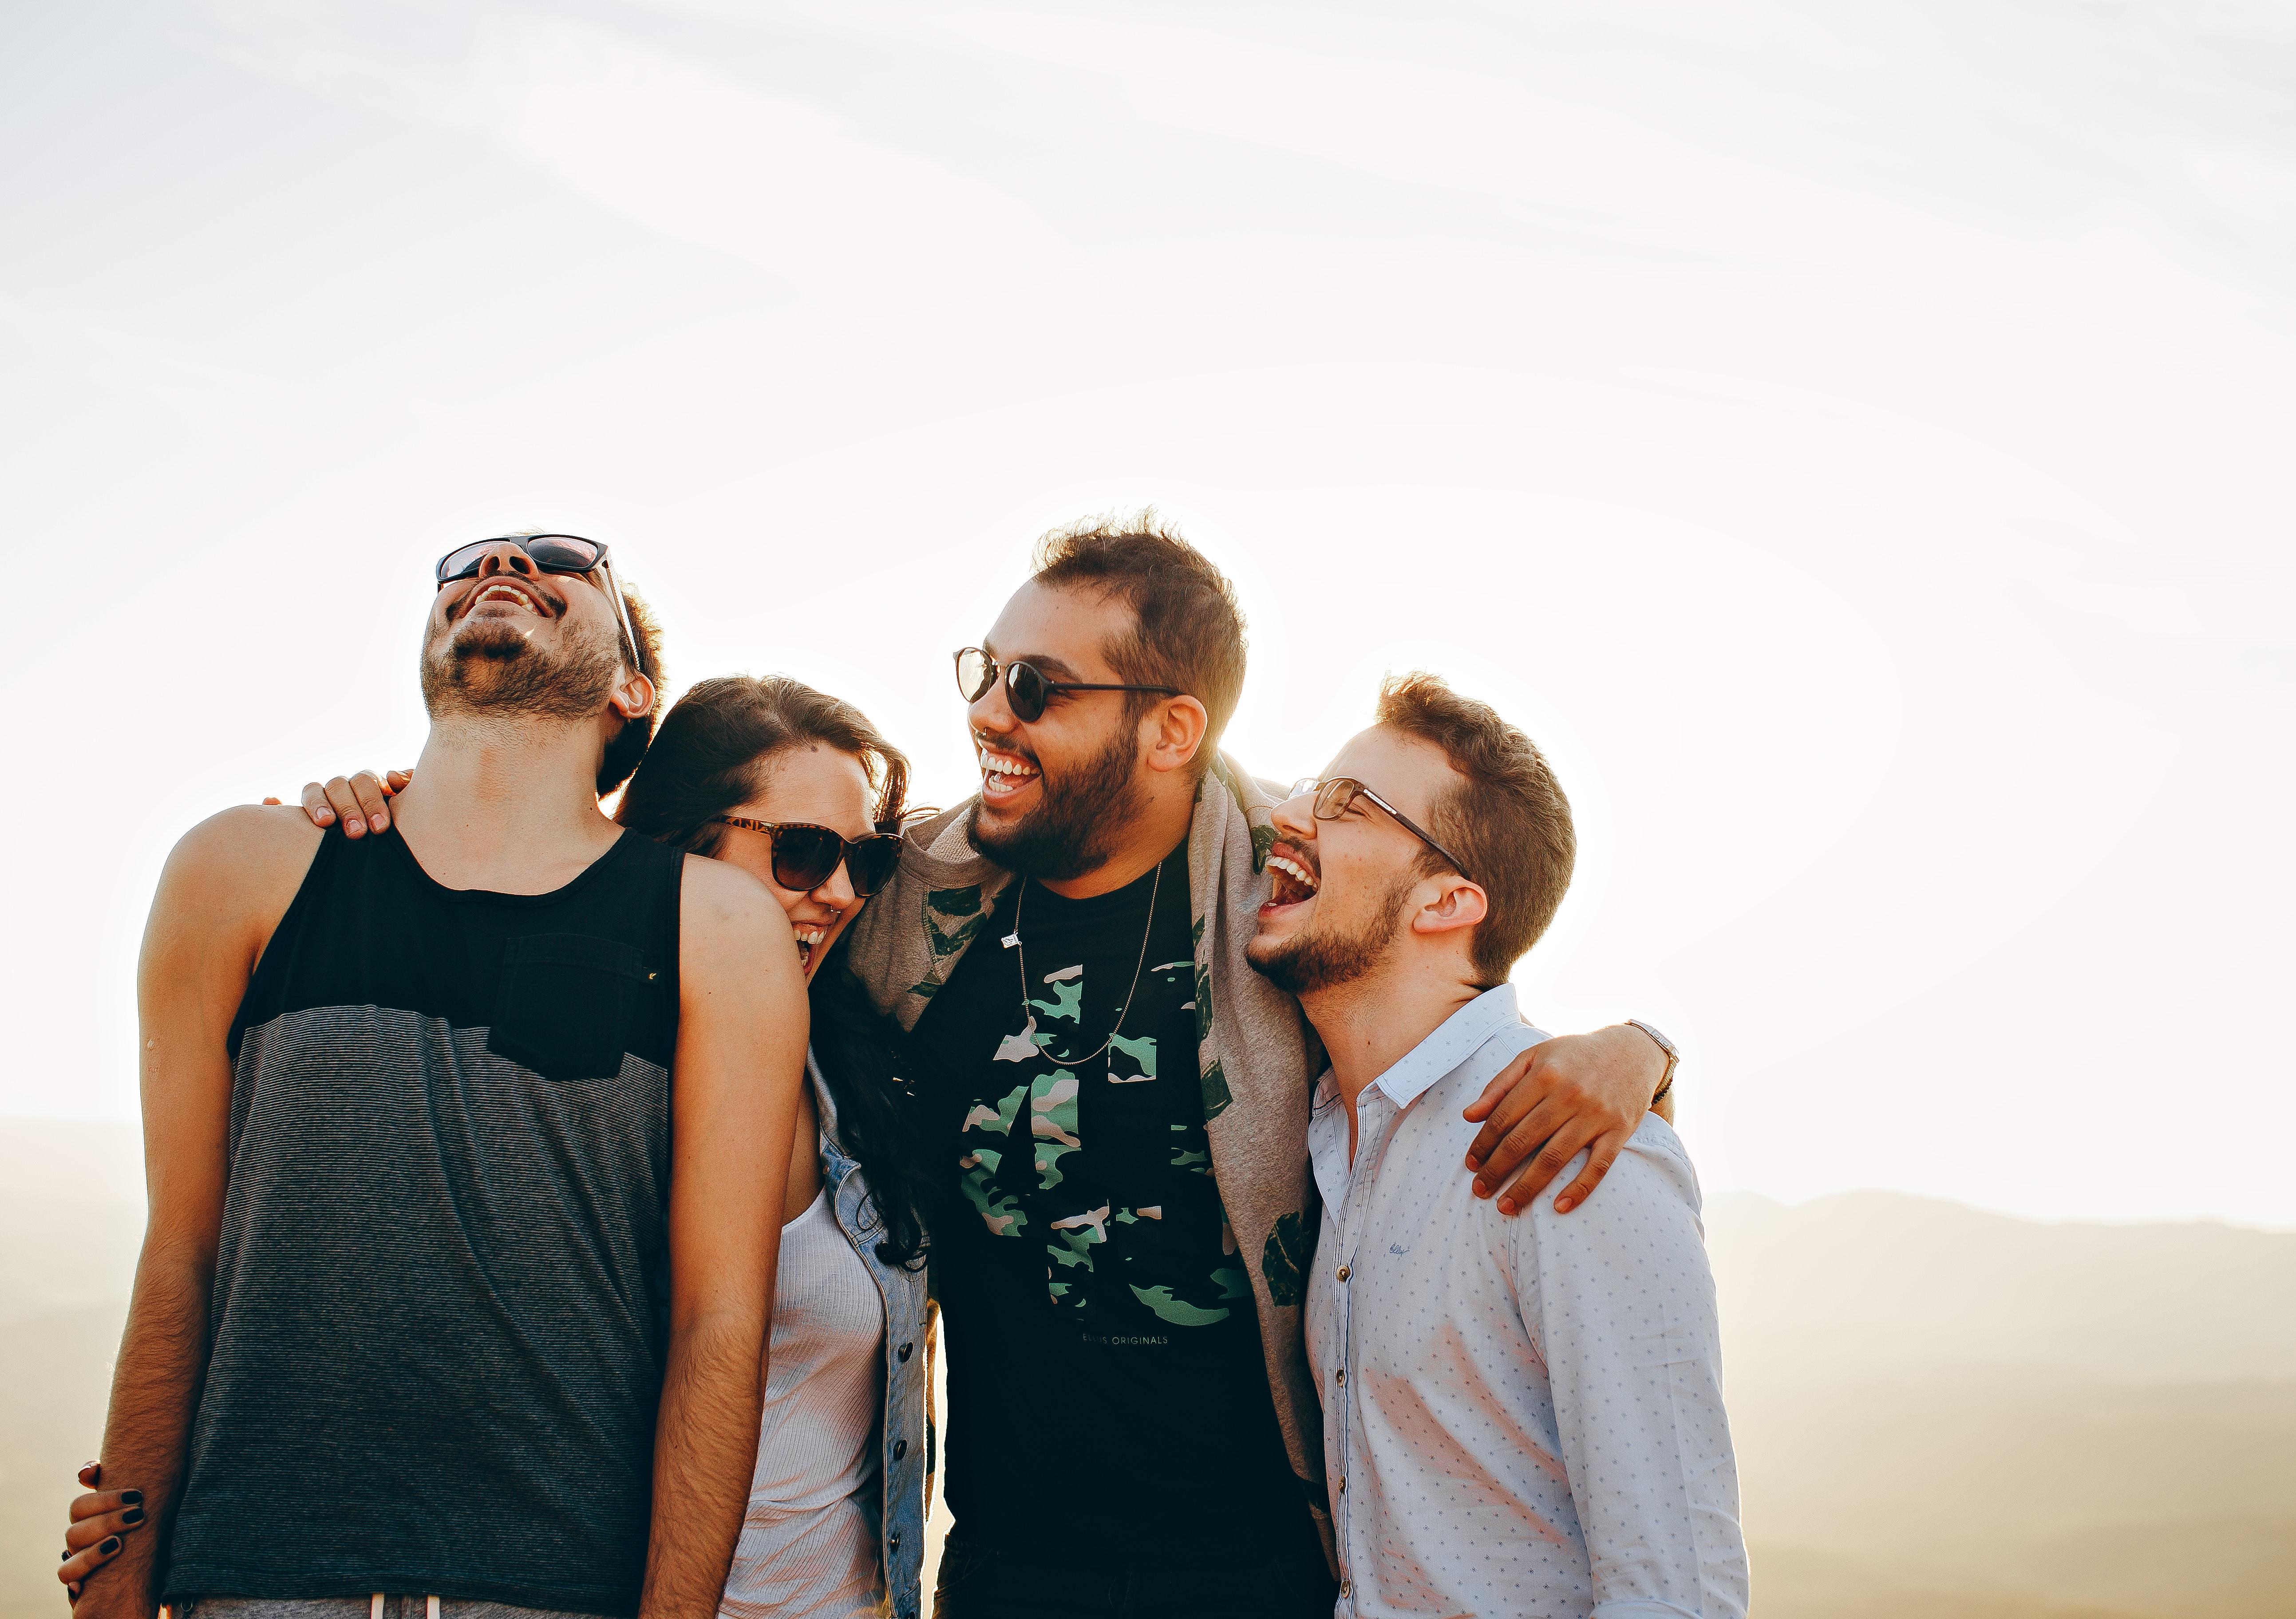 幸せすぎる再婚を手に入れた体験談